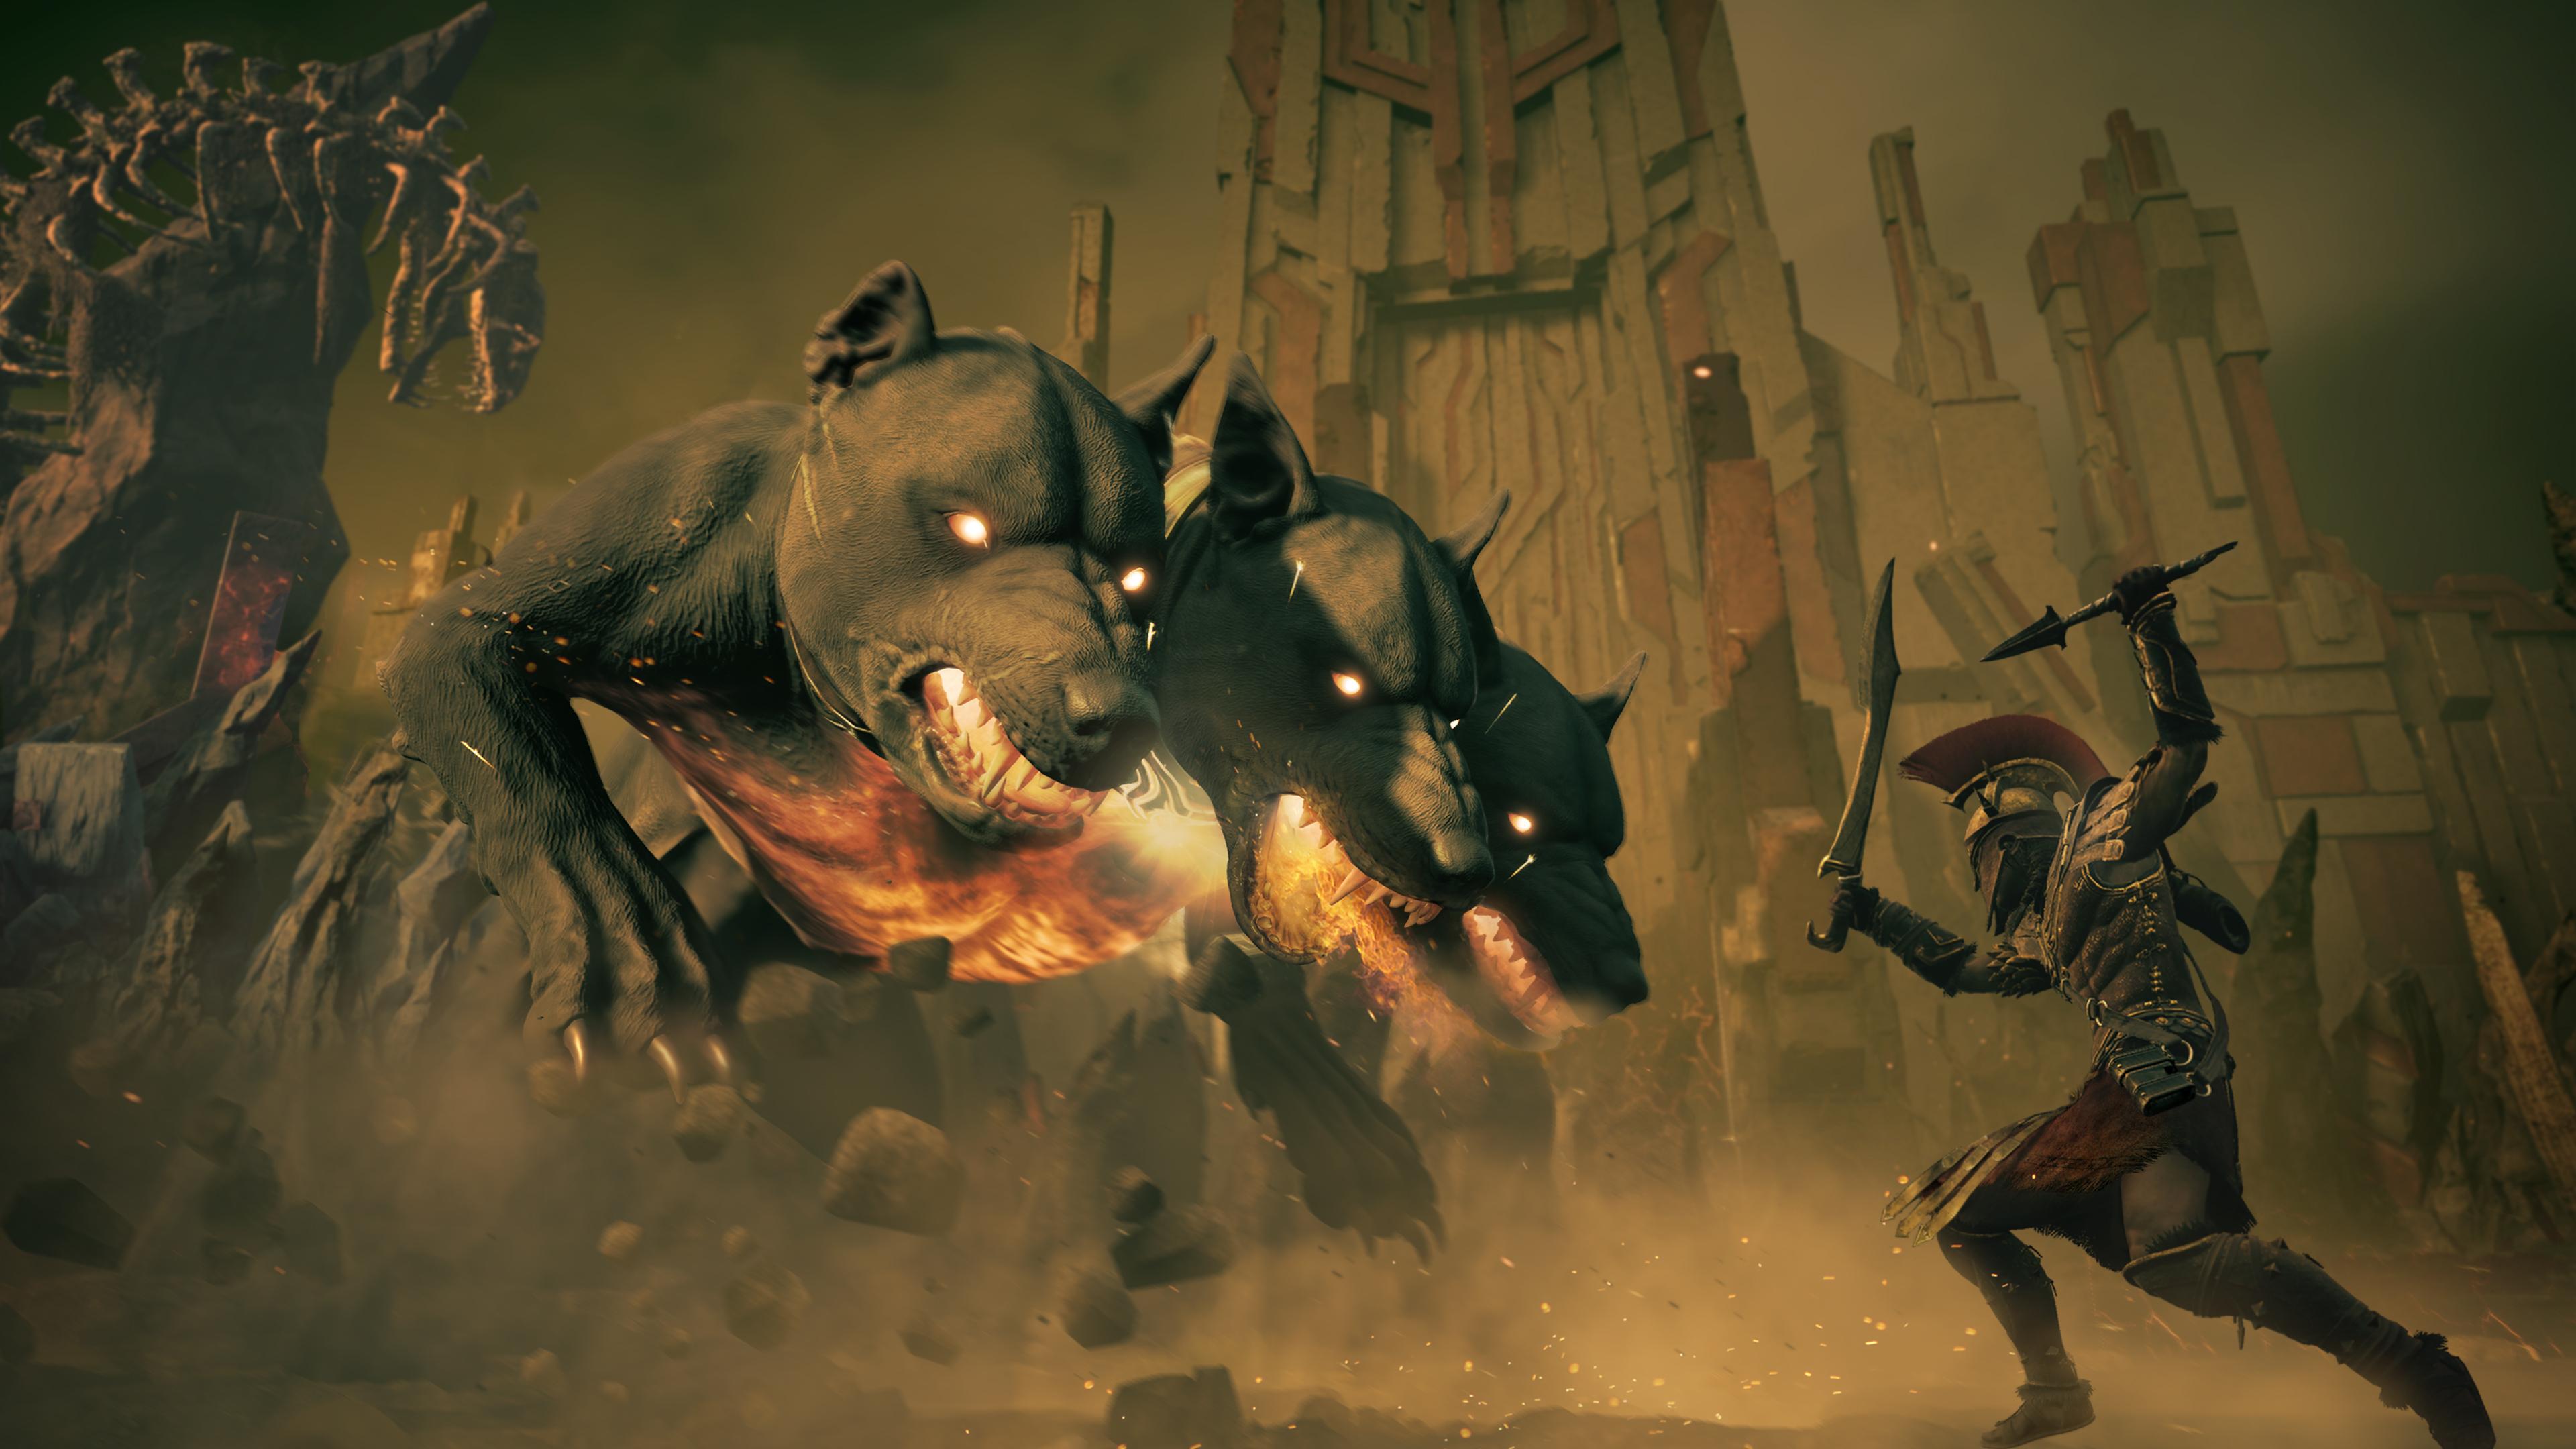 La toute première étape de l'extension est de combattre le gardien des Enfers, Cerbère